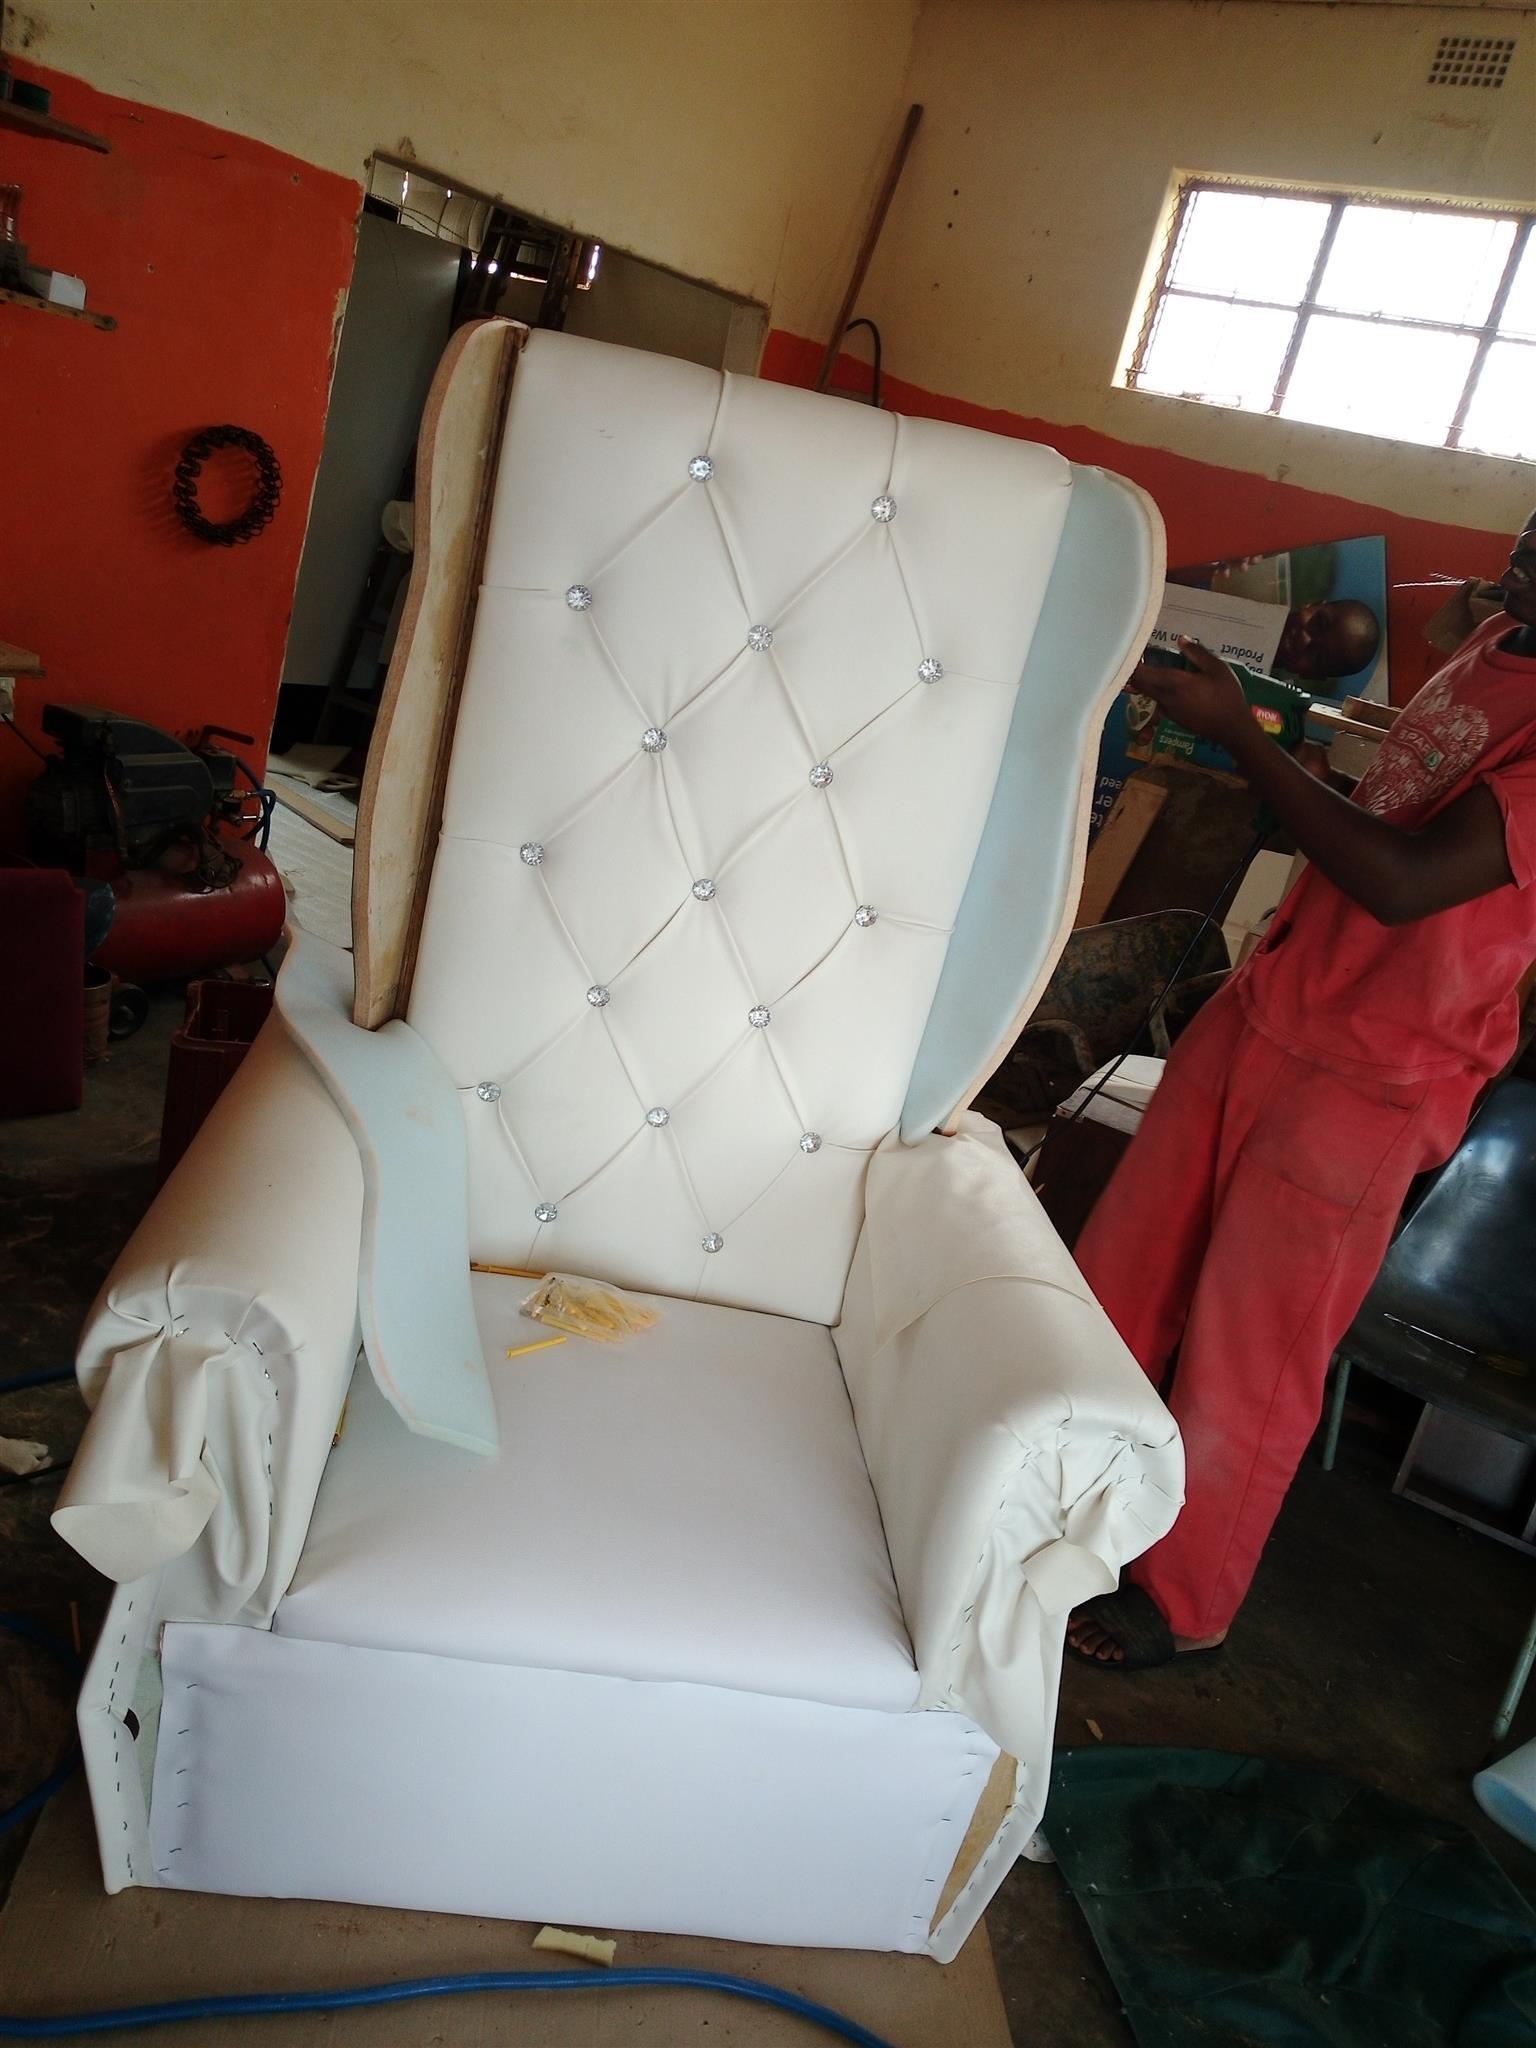 Furniture and sofa repairs